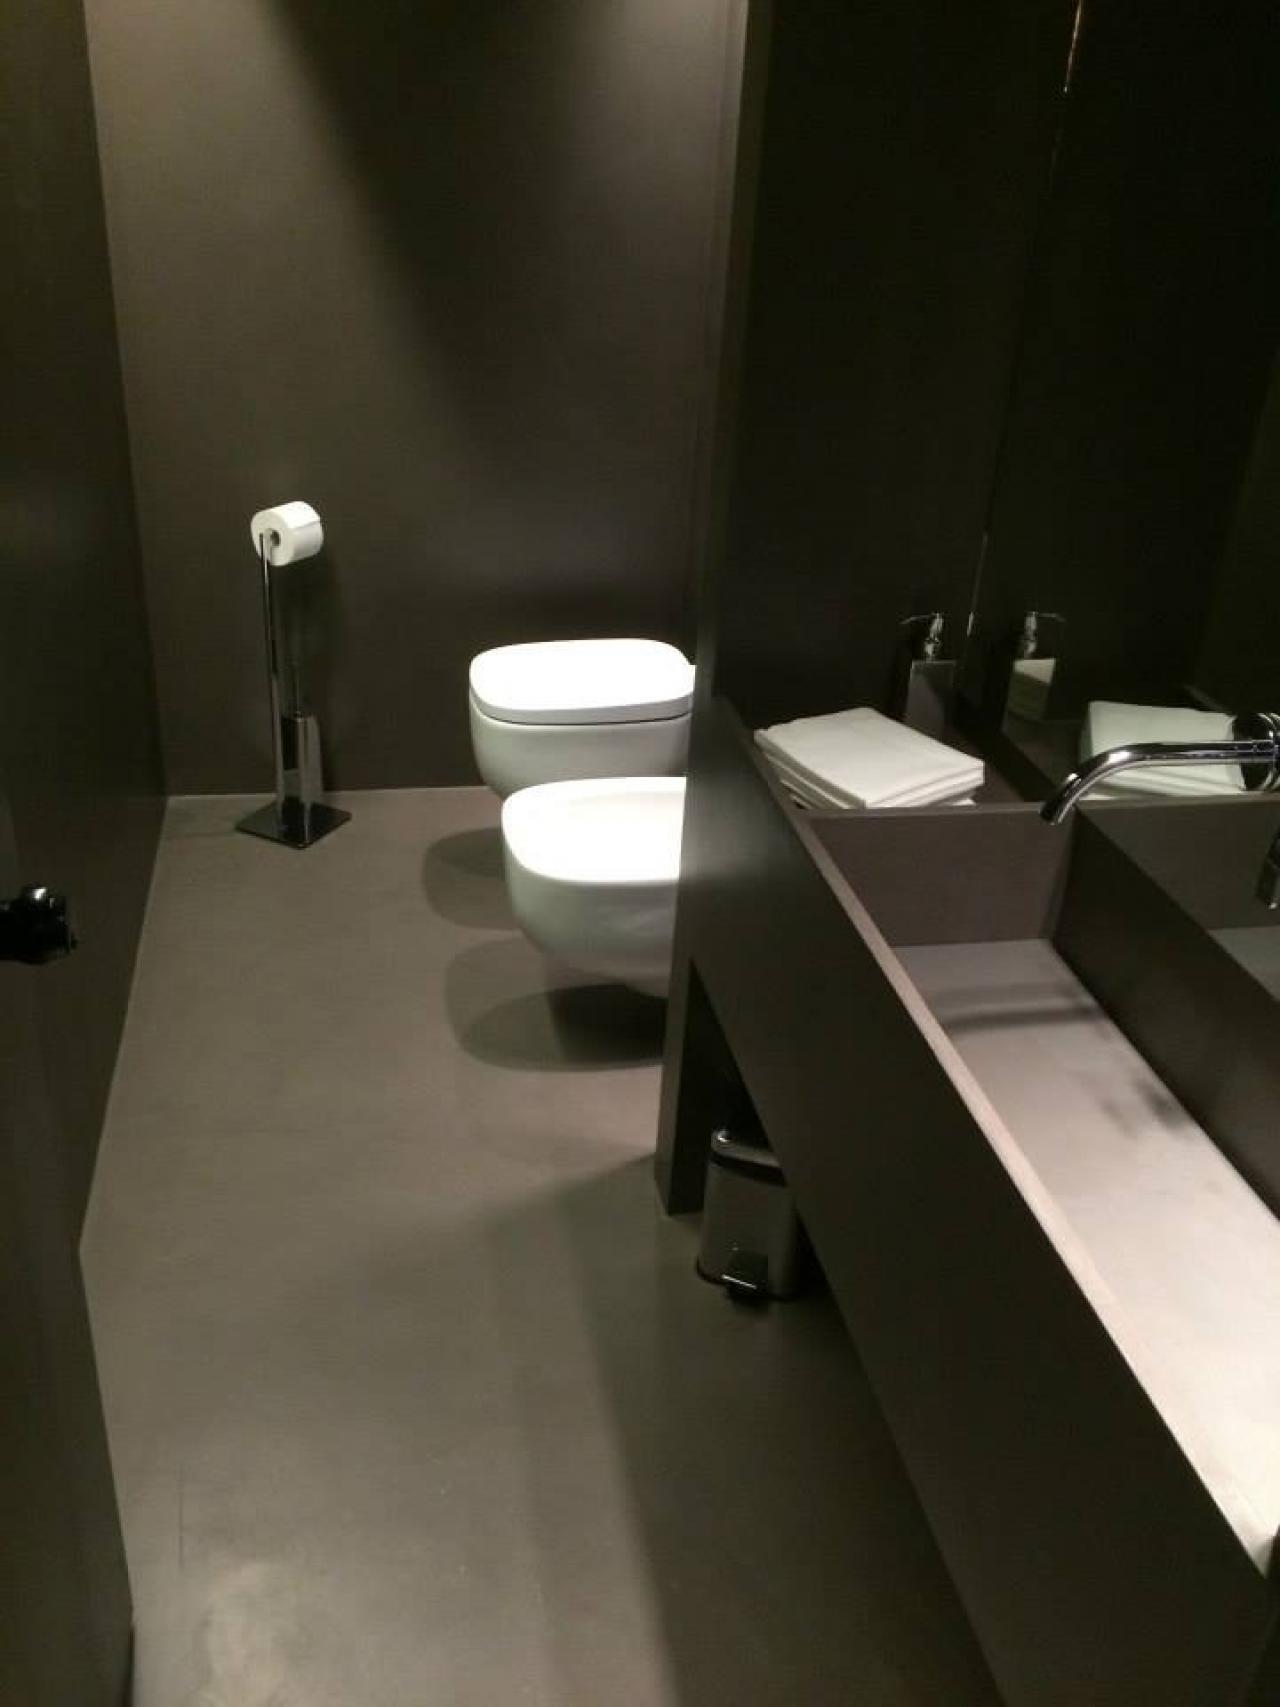 Resina kerakoll per pavimenti e rivestimenti vicenza - Pavimenti bagno in resina ...